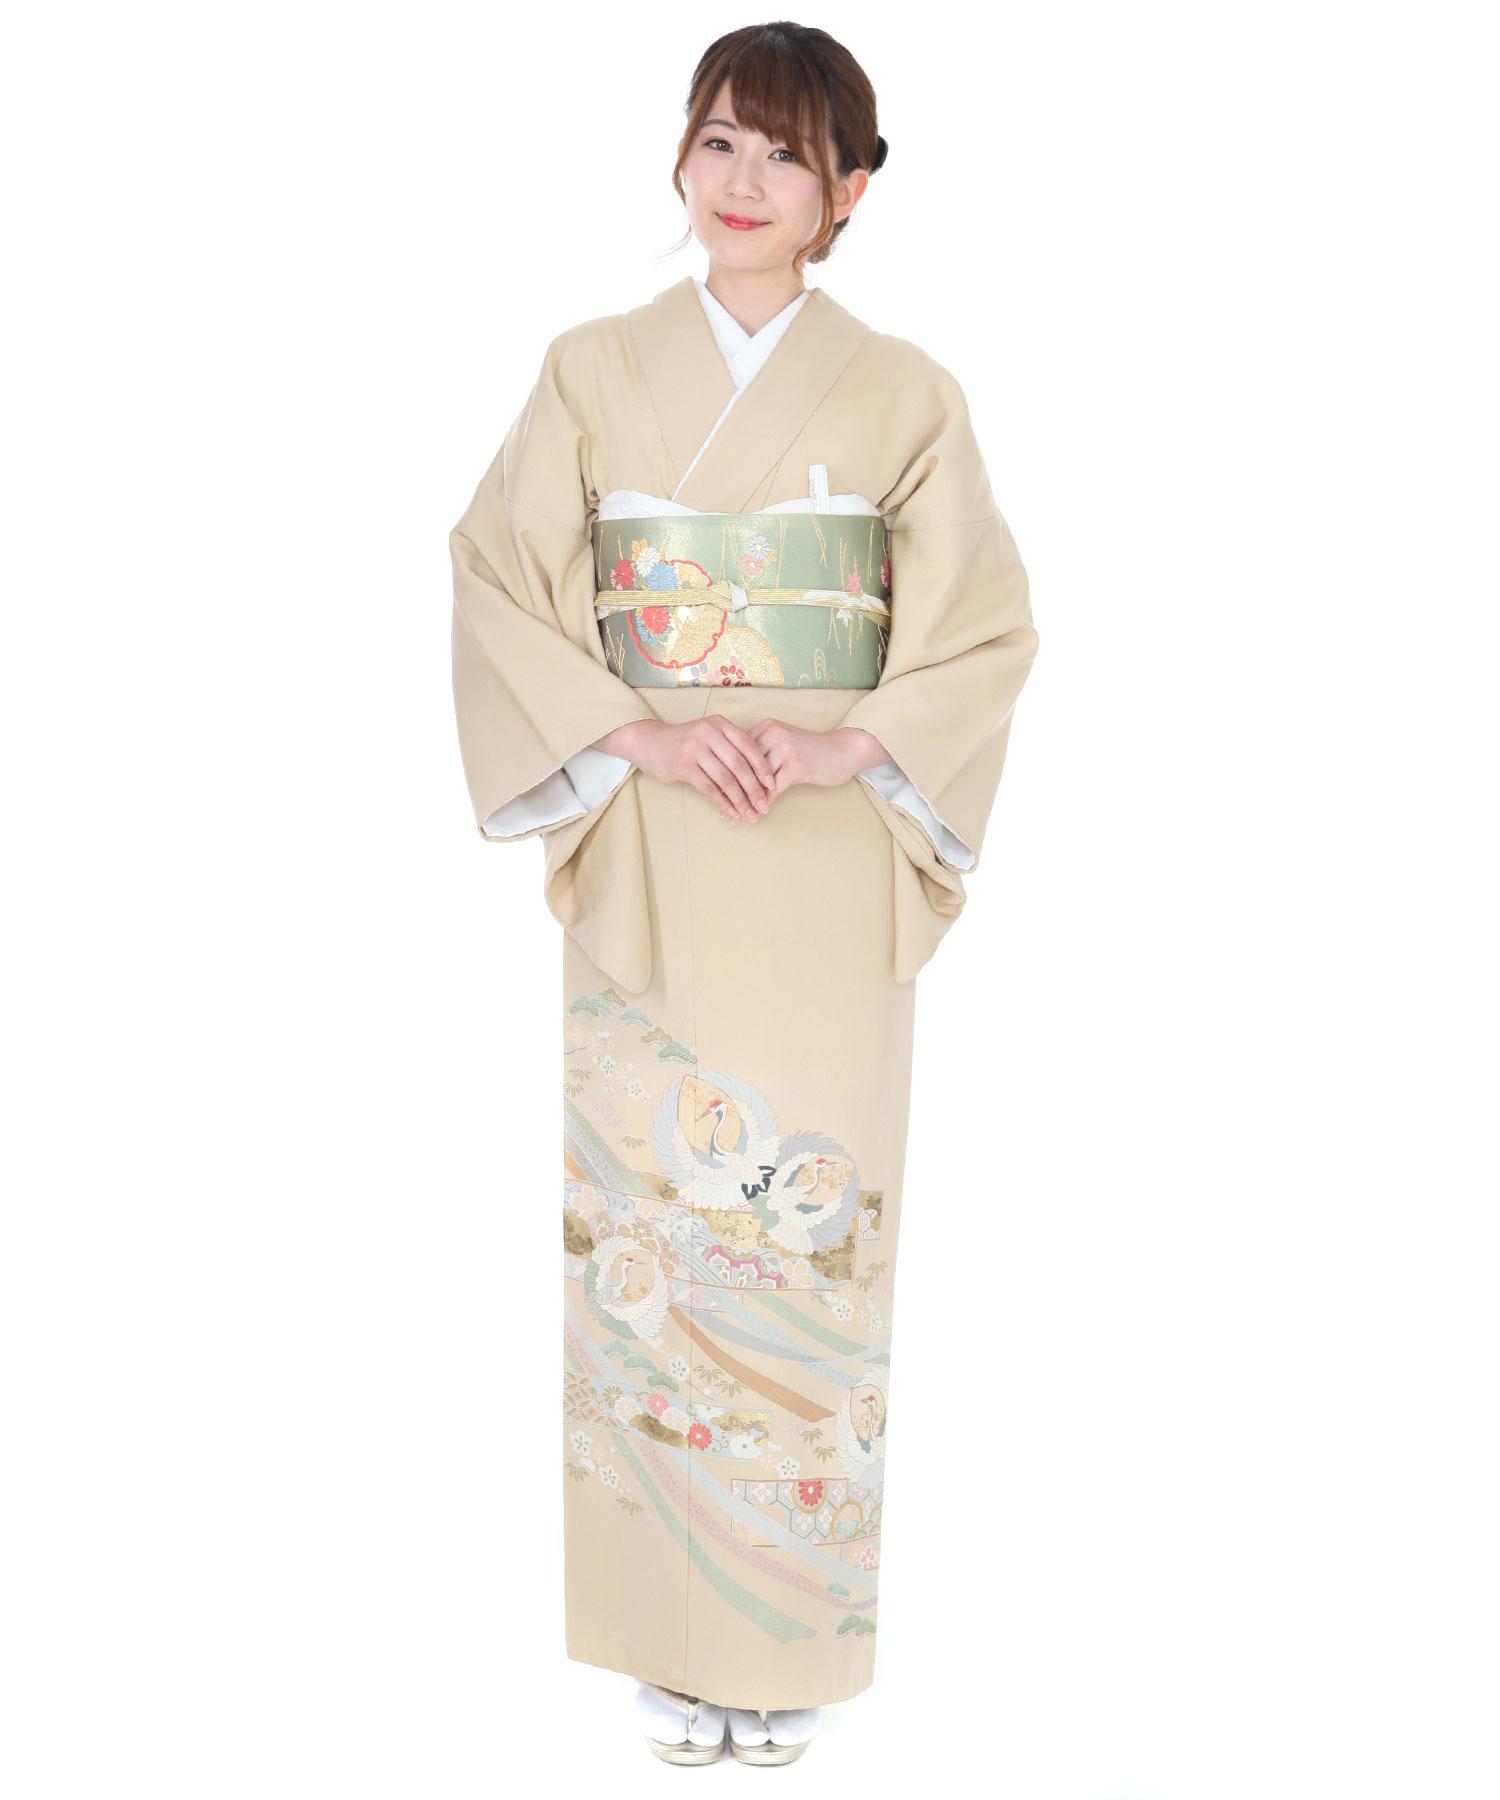 色留袖レンタル|ベージュ色に鶴と熨斗